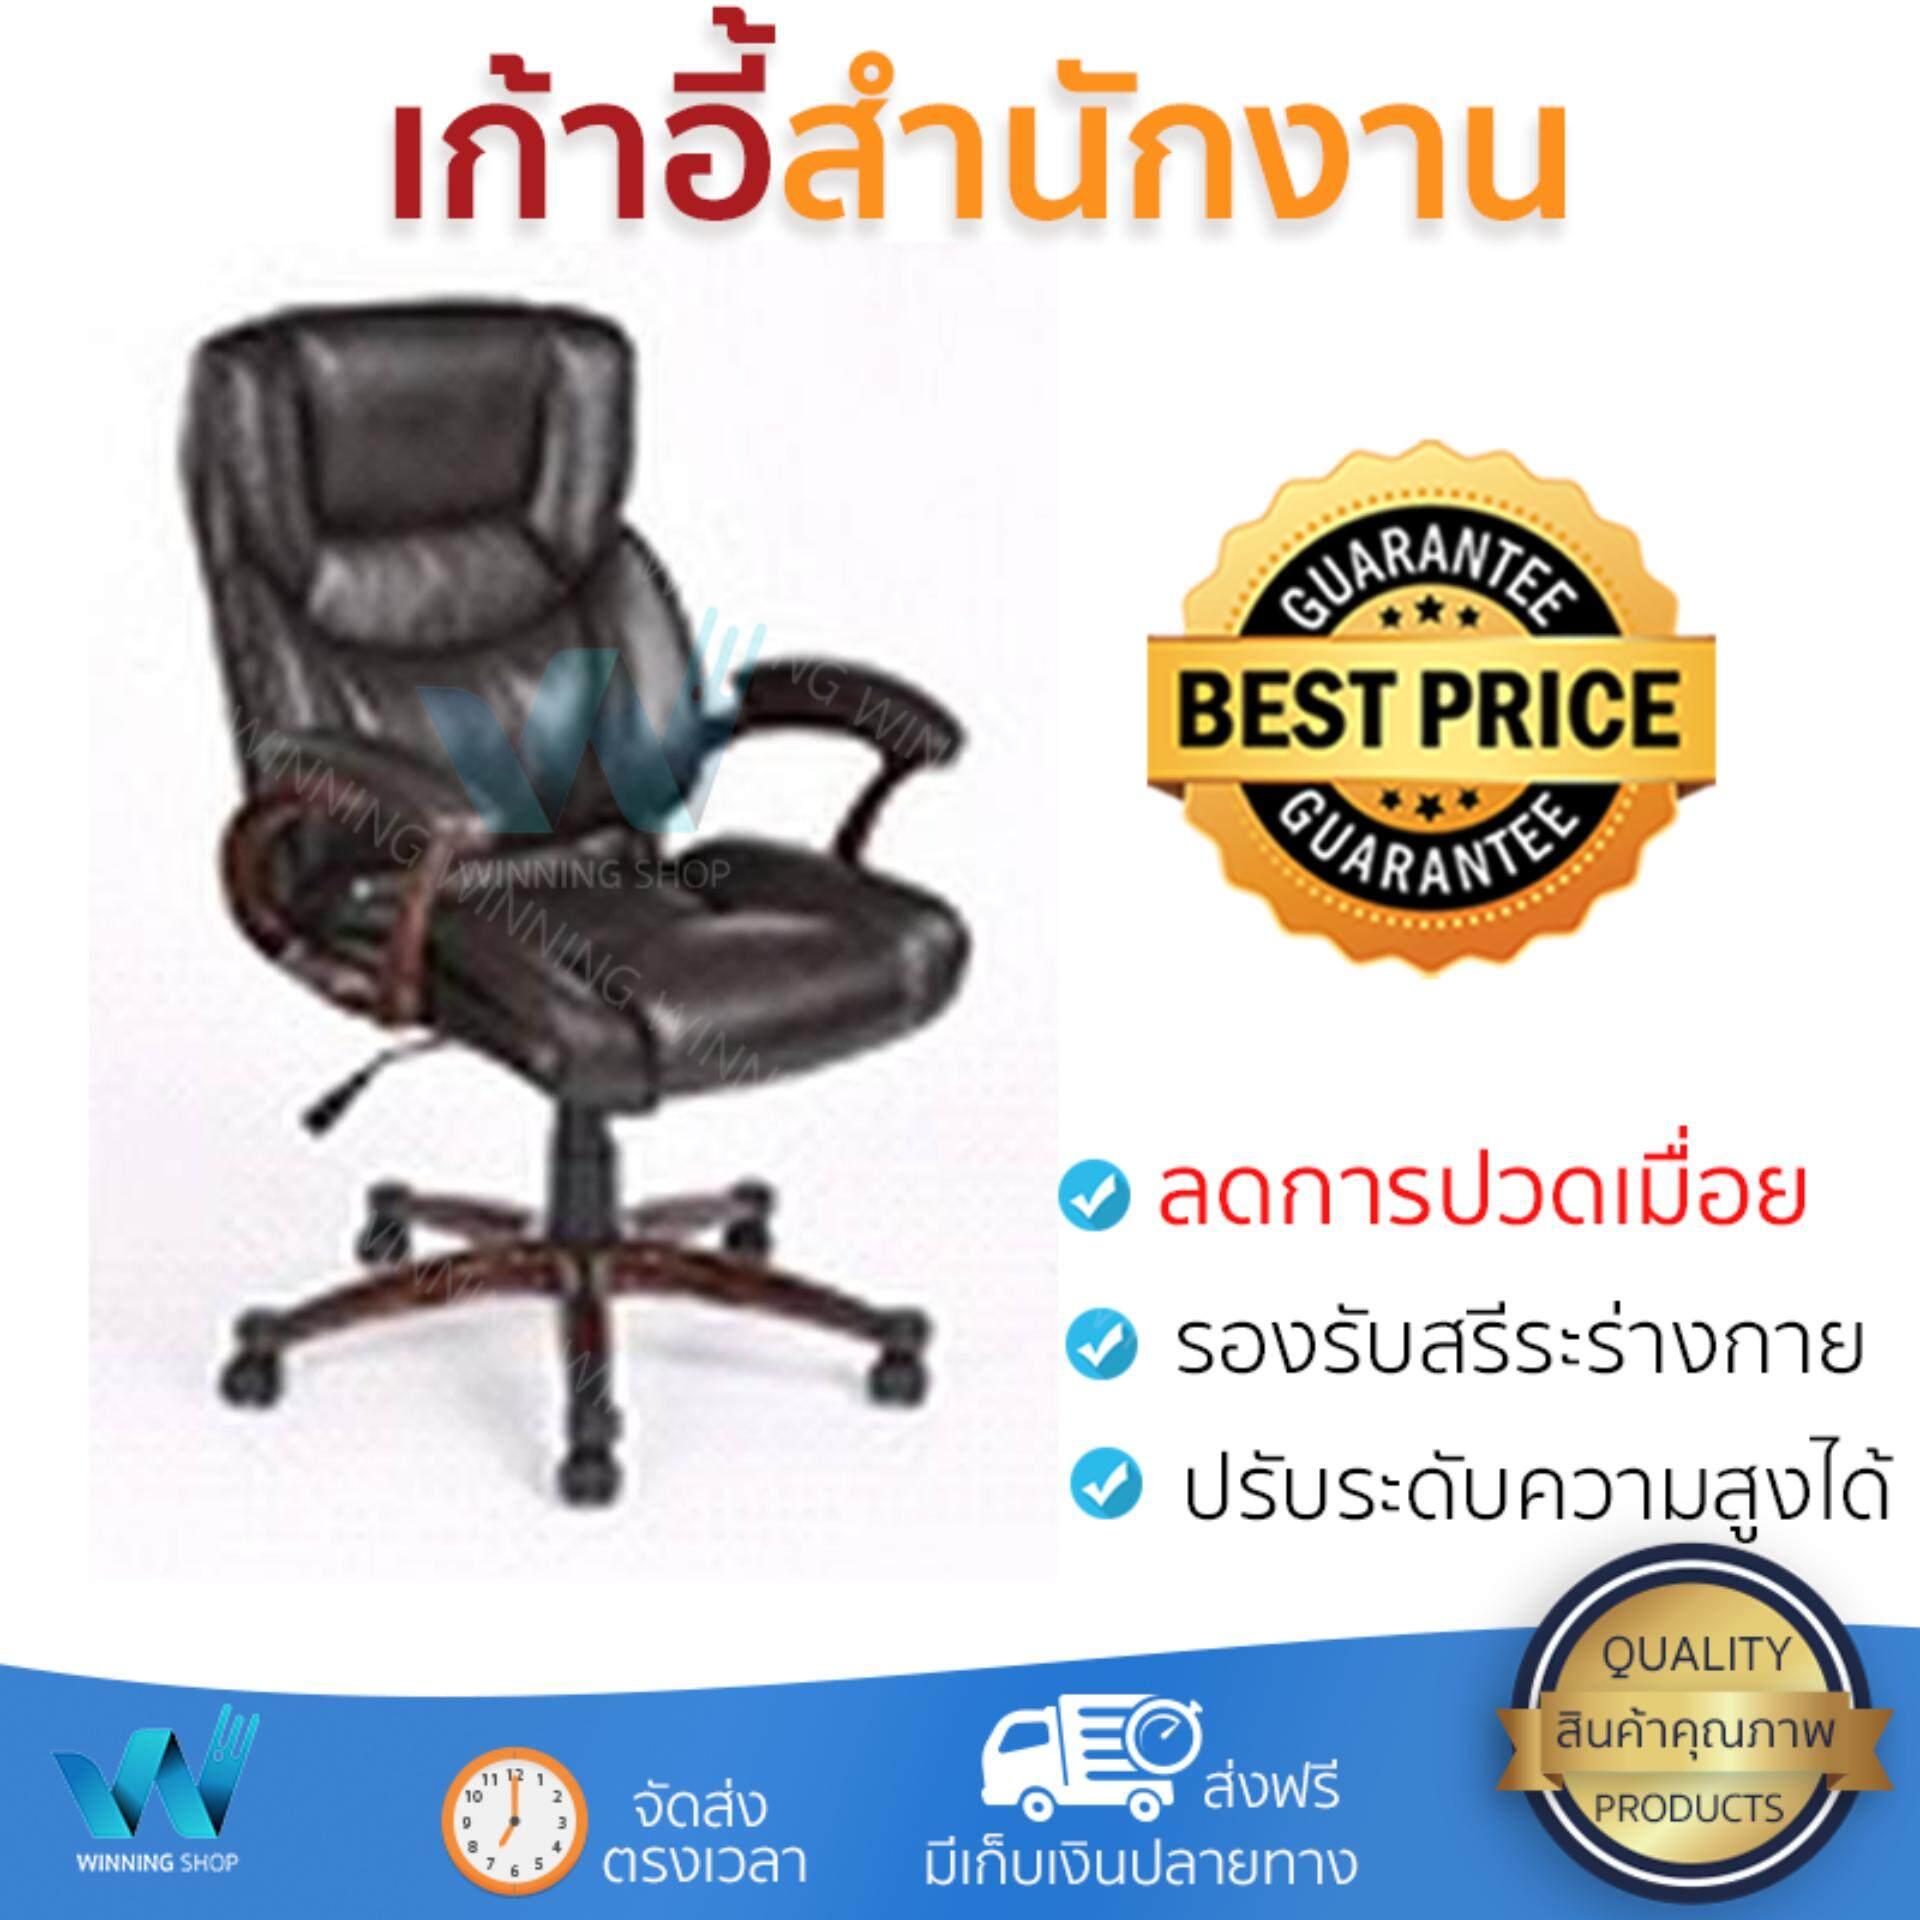 เก็บเงินปลายทางได้ ราคาพิเศษ เก้าอี้ทำงาน เก้าอี้สำนักงาน ULA เก้าอี้ผู้บริหารSIDON สีน้ำตาล ลดอาการปวดเมื่อยลำคอและไหล่ เบาะนุ่มกำลังดี นั่งสบาย ไม่อึดอัด ปรับระดับความสูงได้ Office Chair จัดส่งฟรี k